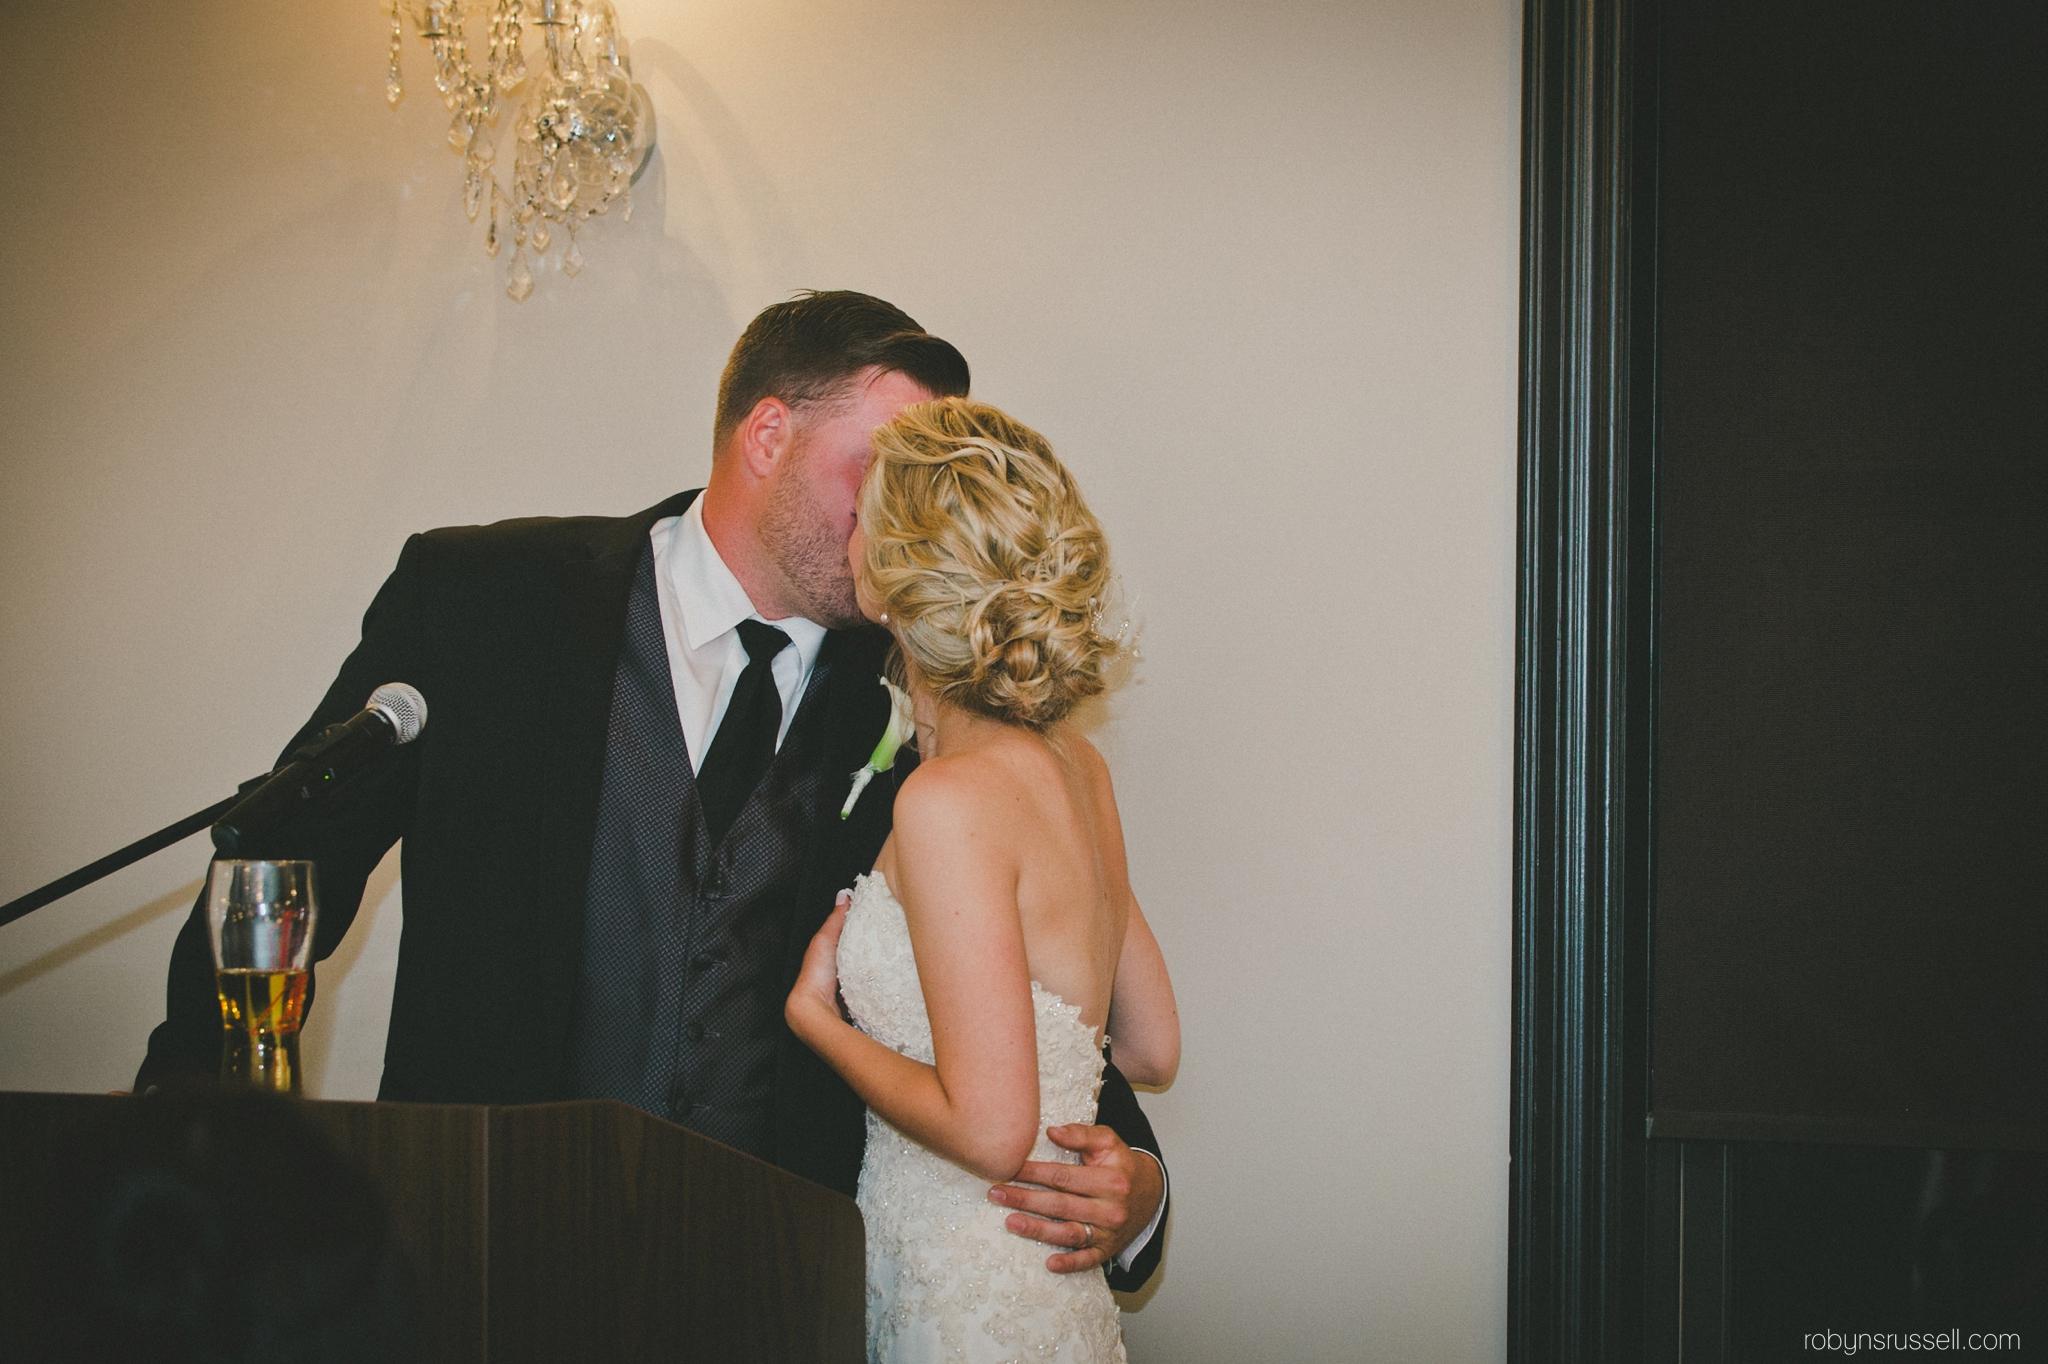 67-bride-and-groom-kiss-after-speech.jpg